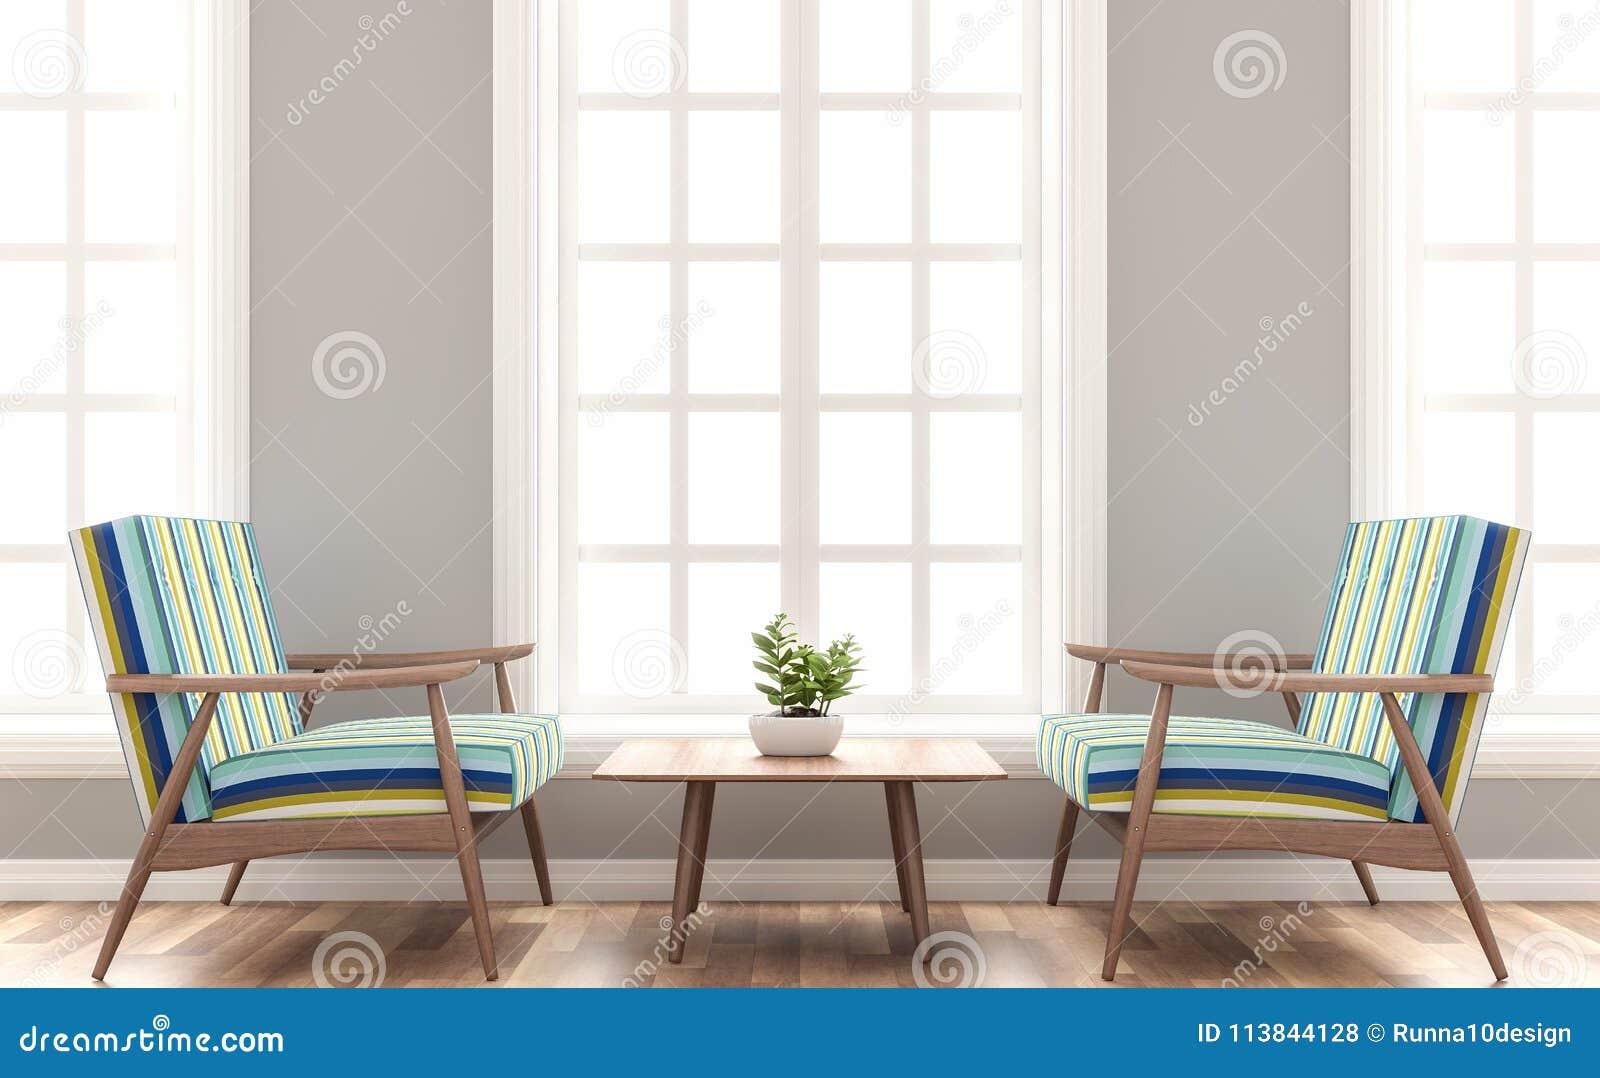 Le Salon Scandinave De Maison Avec Le Siège En Bois Et Coloré 3d De